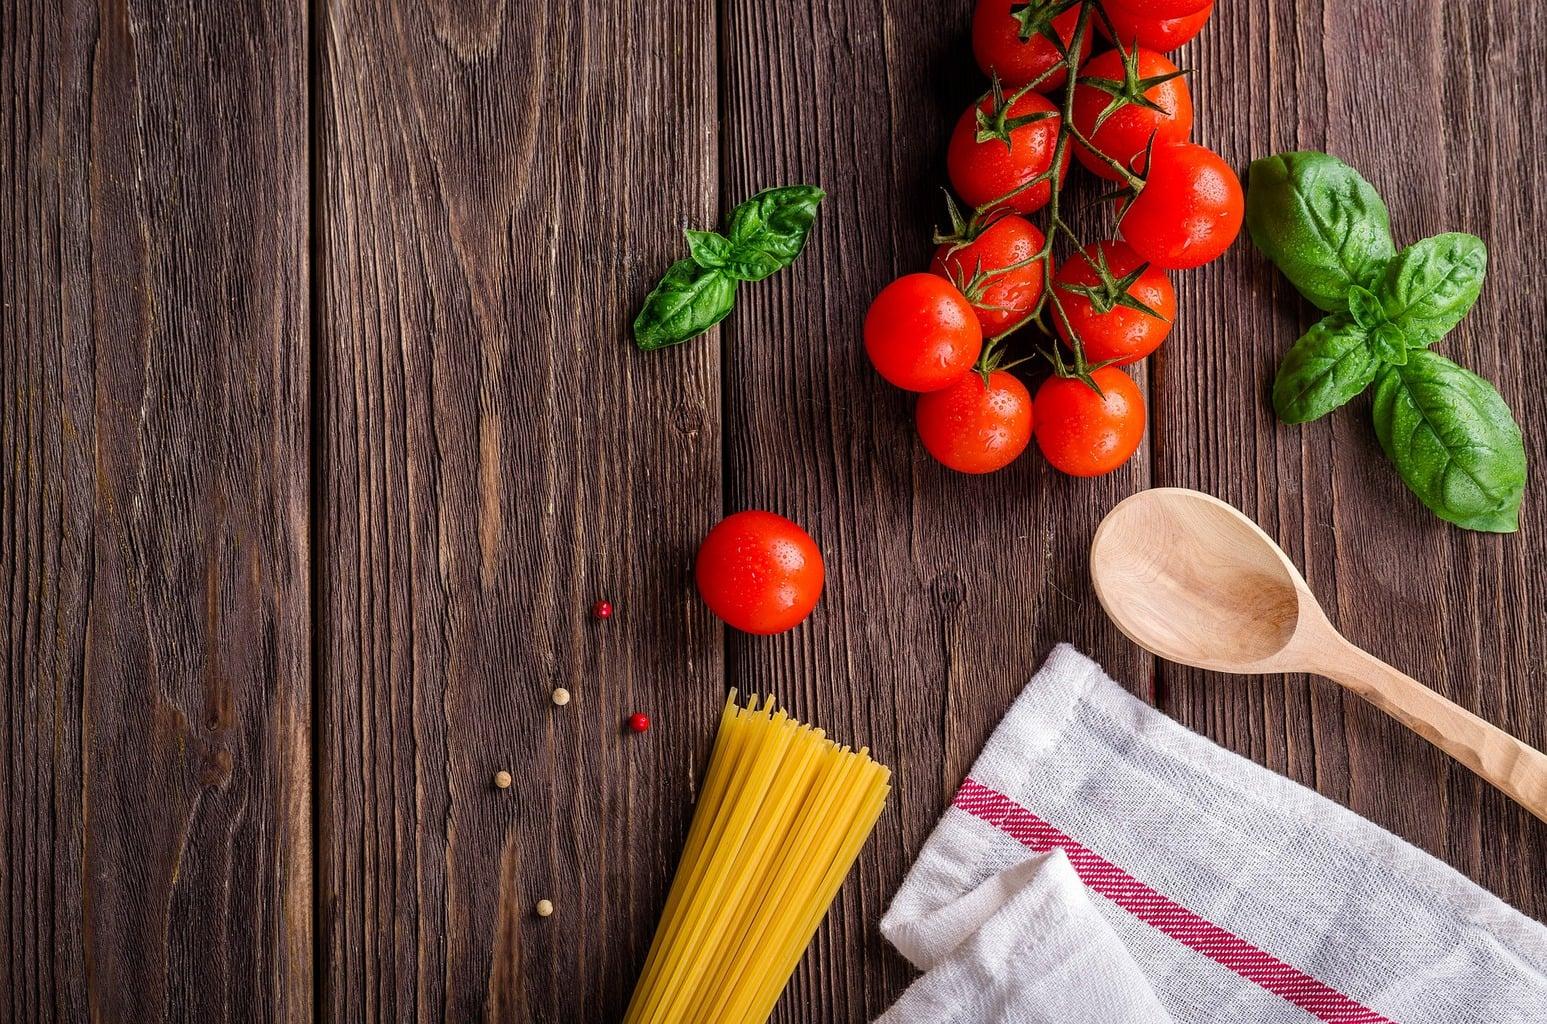 fotografía culinaria de verduras